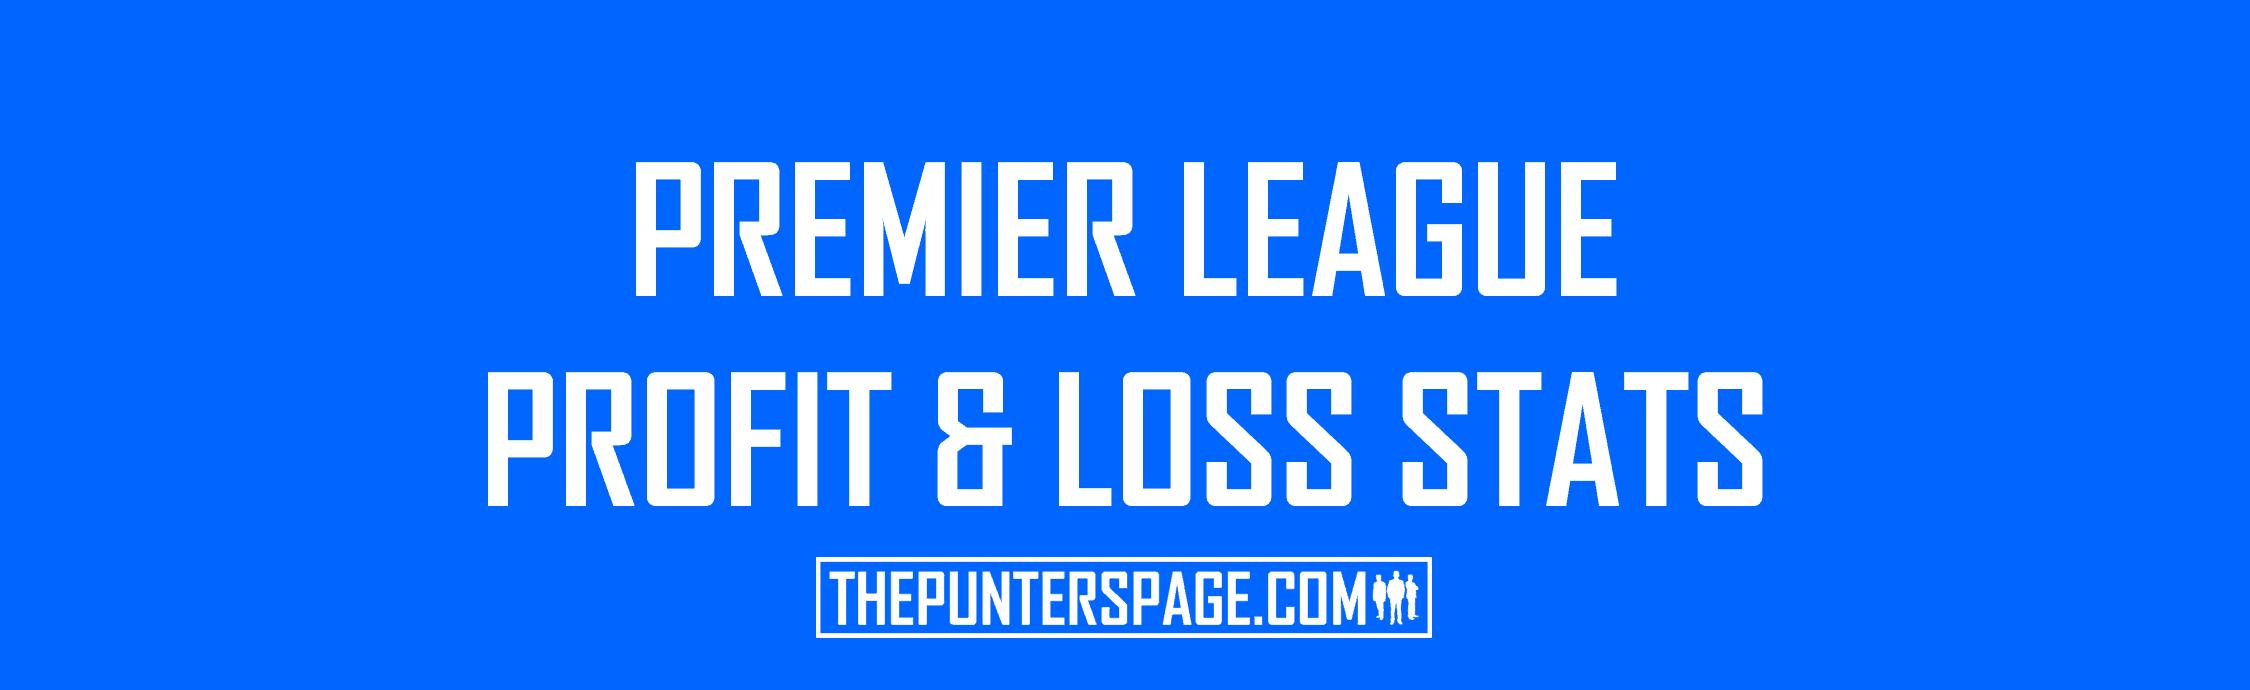 Premier League Profit & Loss Stats Table